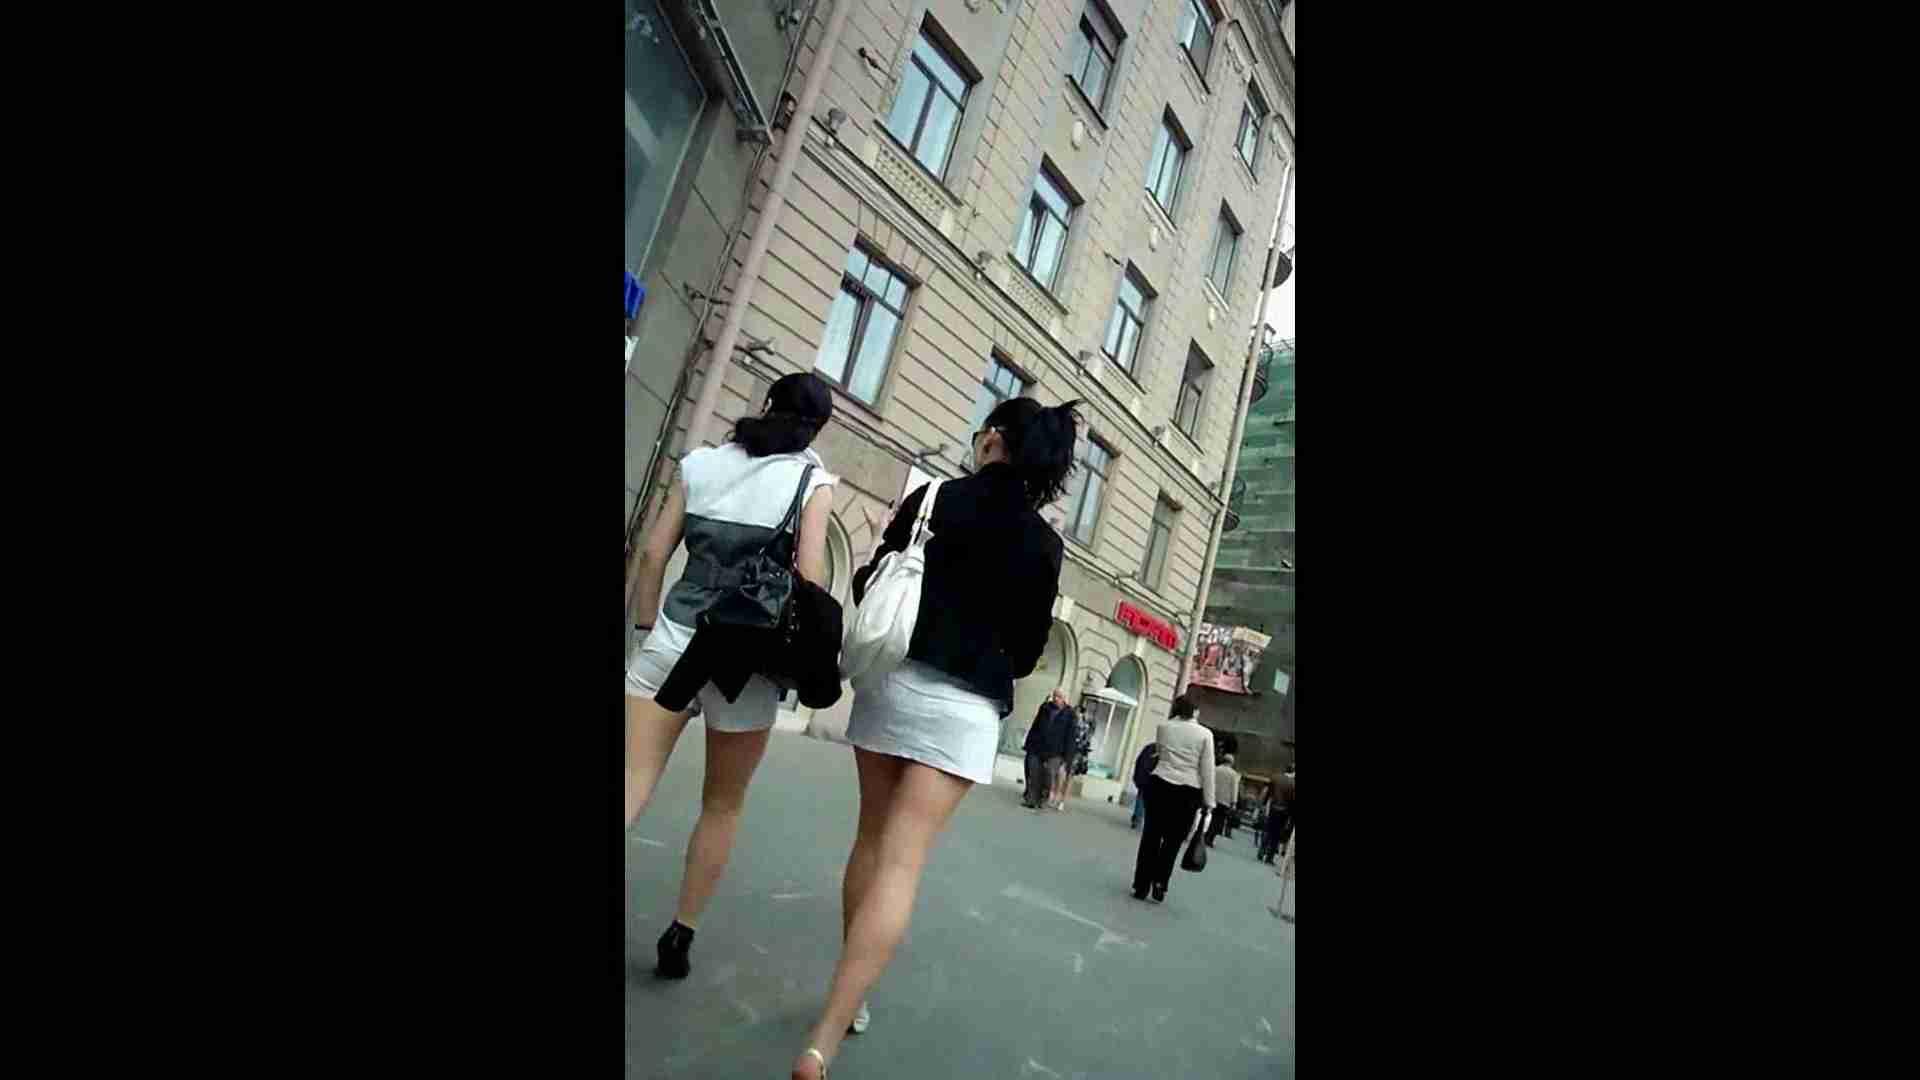 綺麗なモデルさんのスカート捲っちゃおう‼vol01 Hなお姉さん | モデルヌード  74pic 23